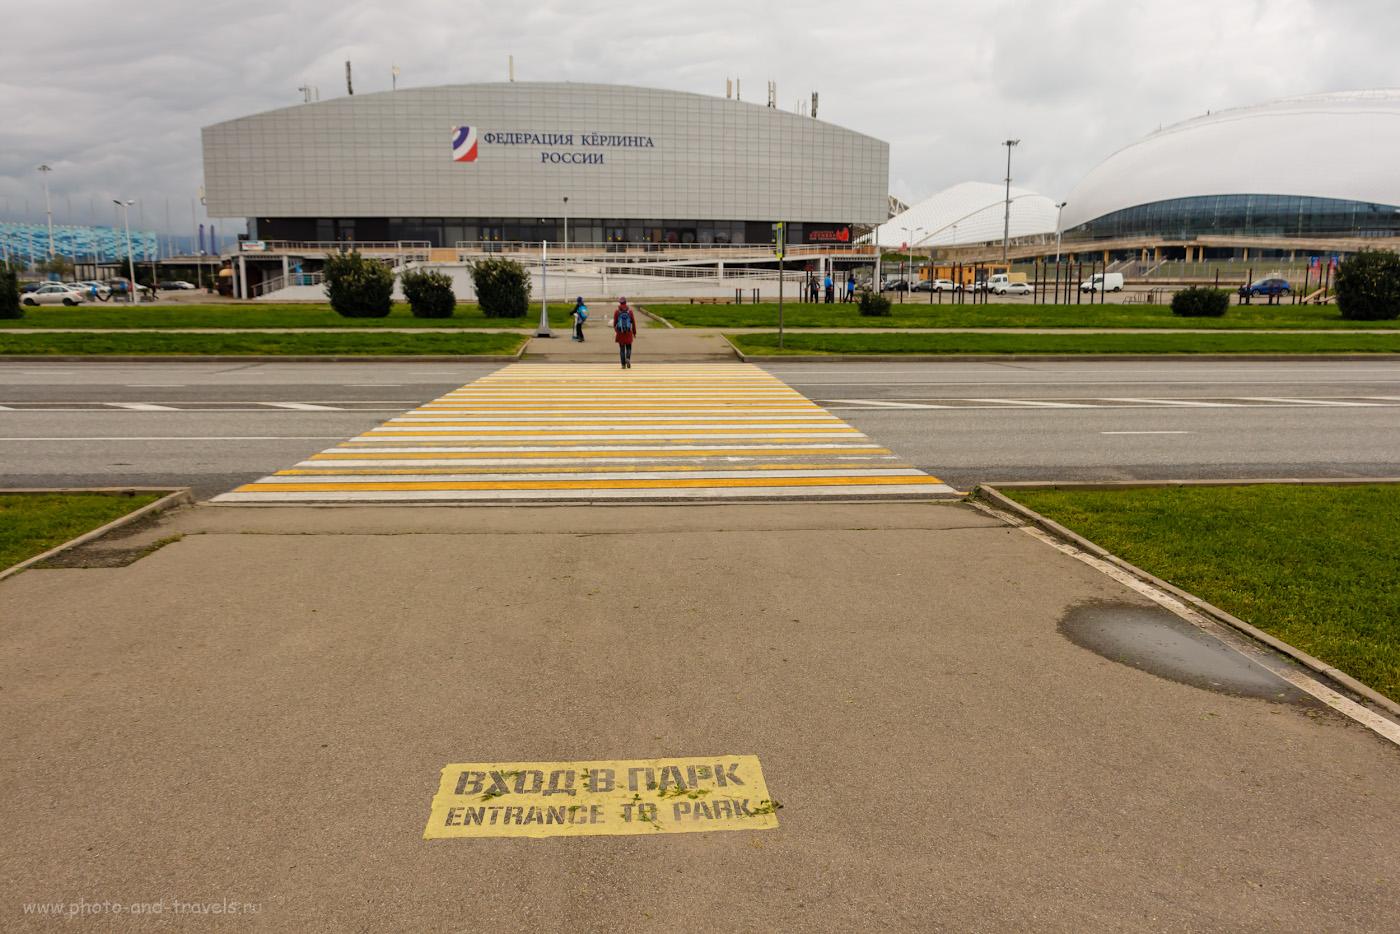 Фото 36. Вход в Олимпийский парк со стороны кёрлингового центра «Ледяной куб». Отчет о поездке в Сочи весной. 1/1250, f/4, ISO 200, 18мм.